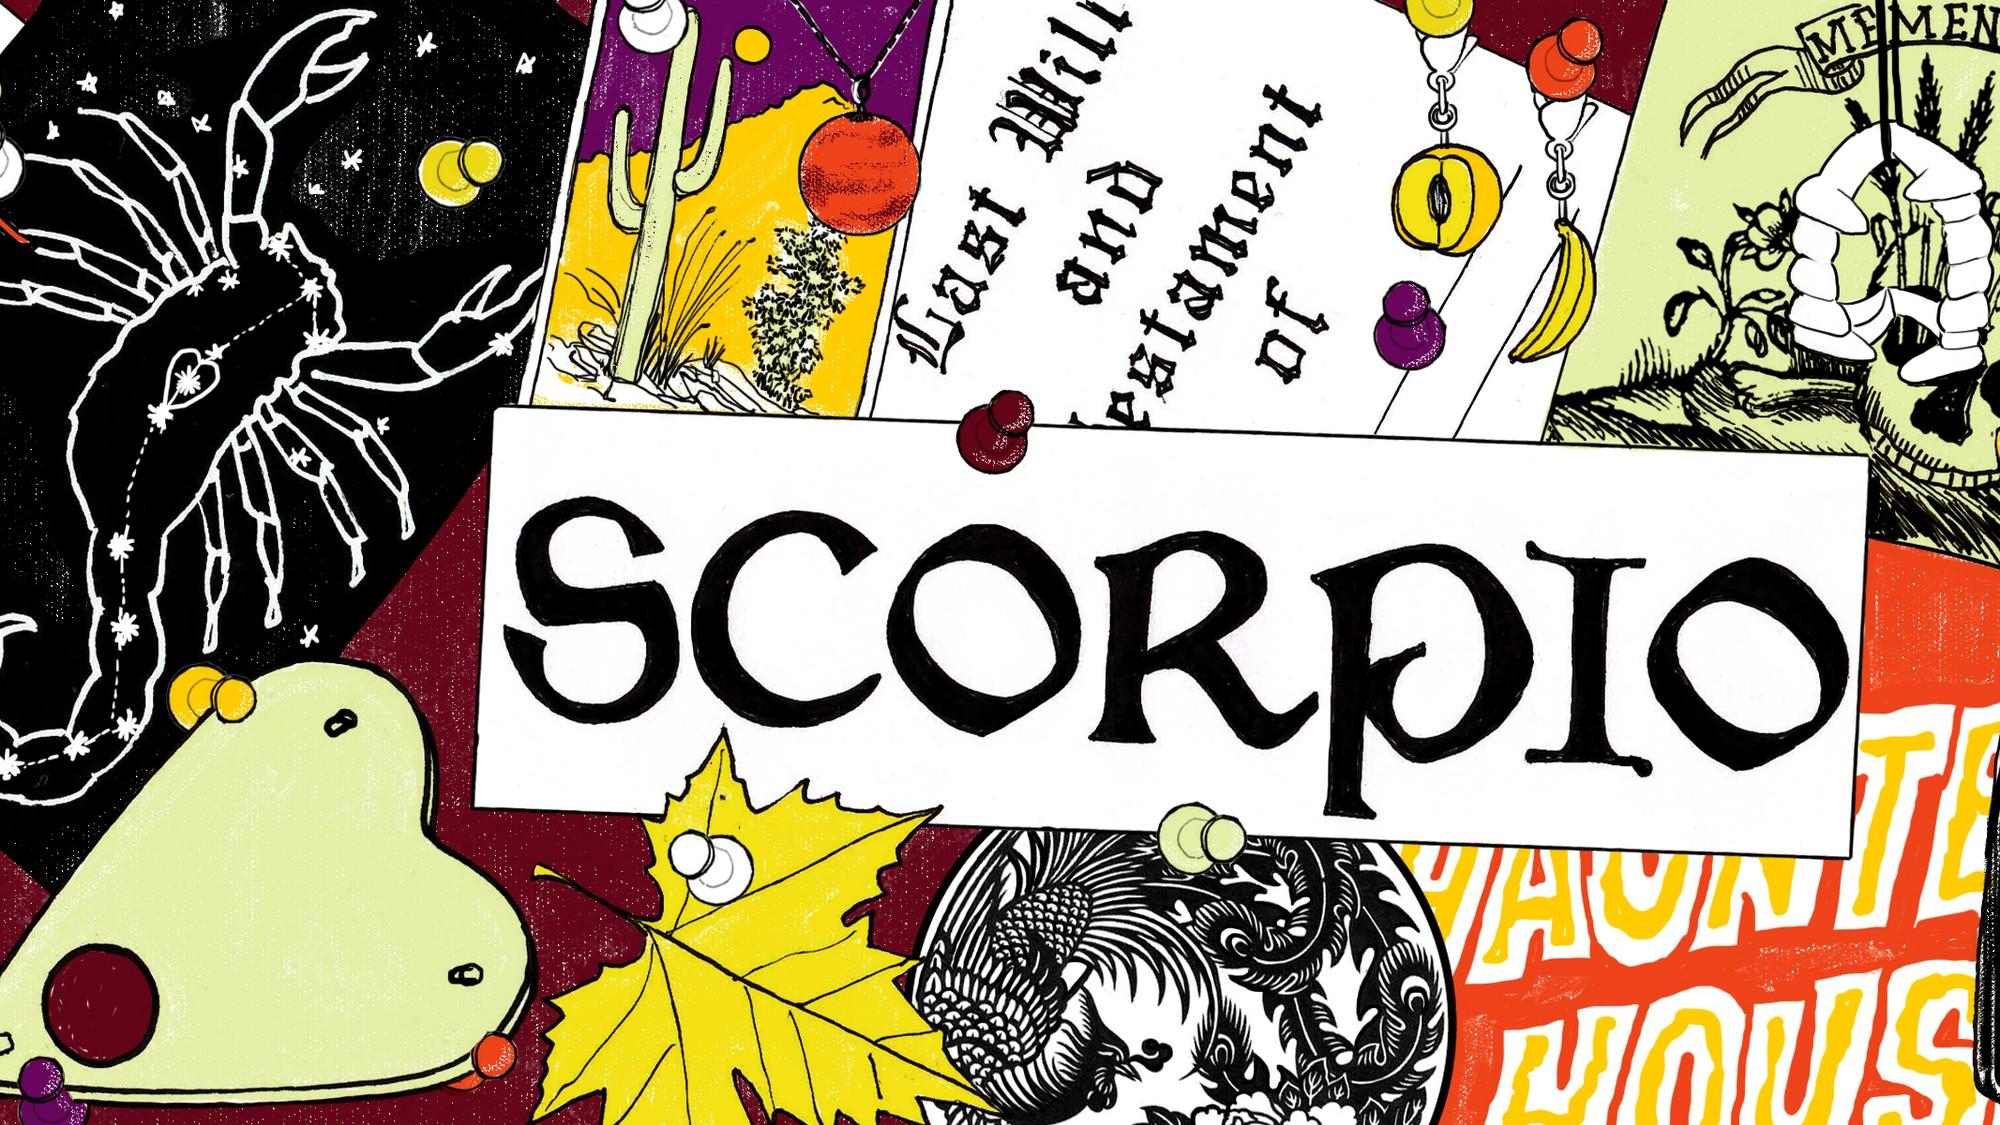 Monthly Horoscope: Scorpio, April 2019 - VICE